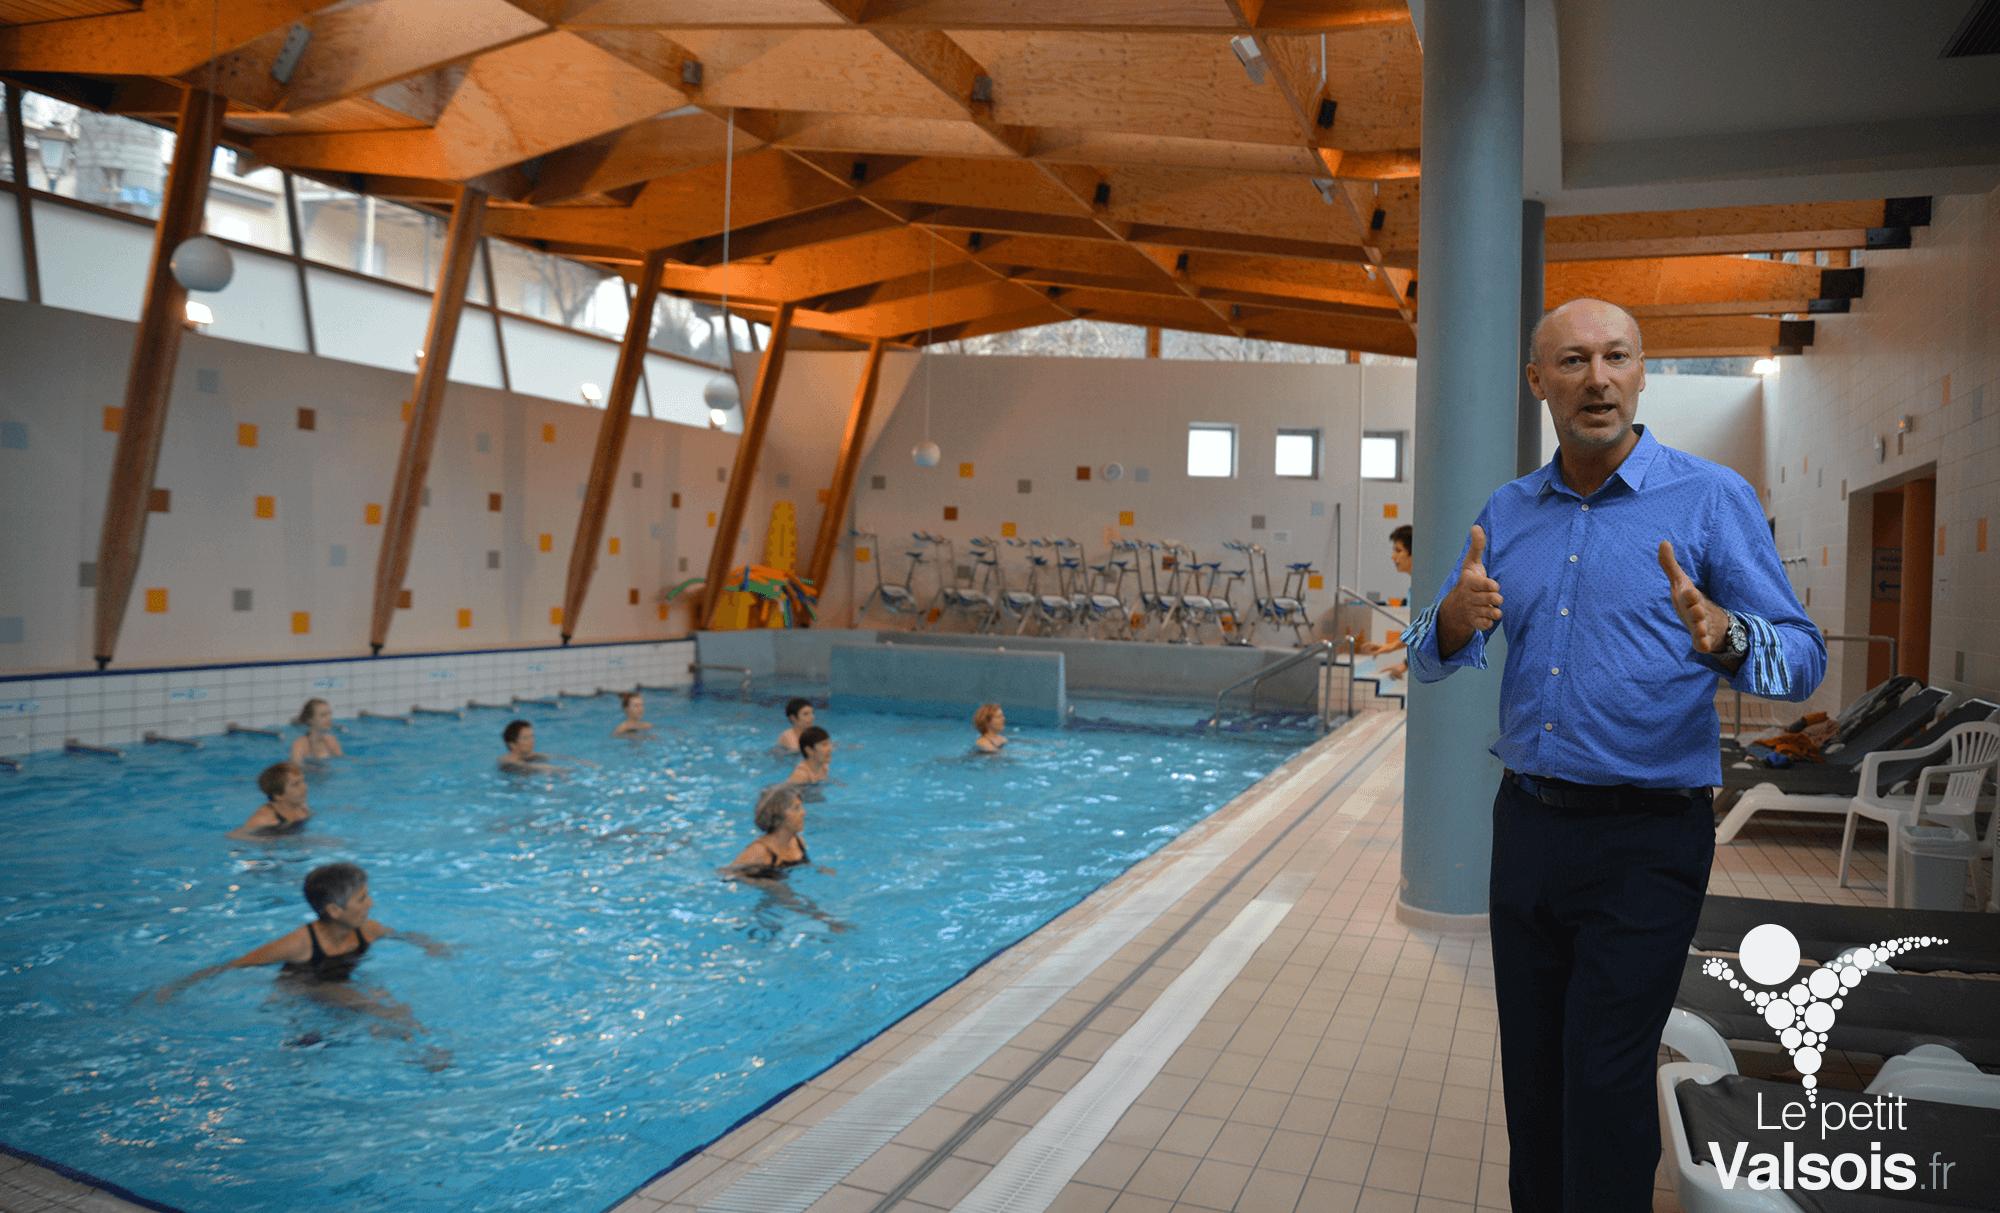 Thermes de vals les bains lancement de la saison 2016 for Les bains de